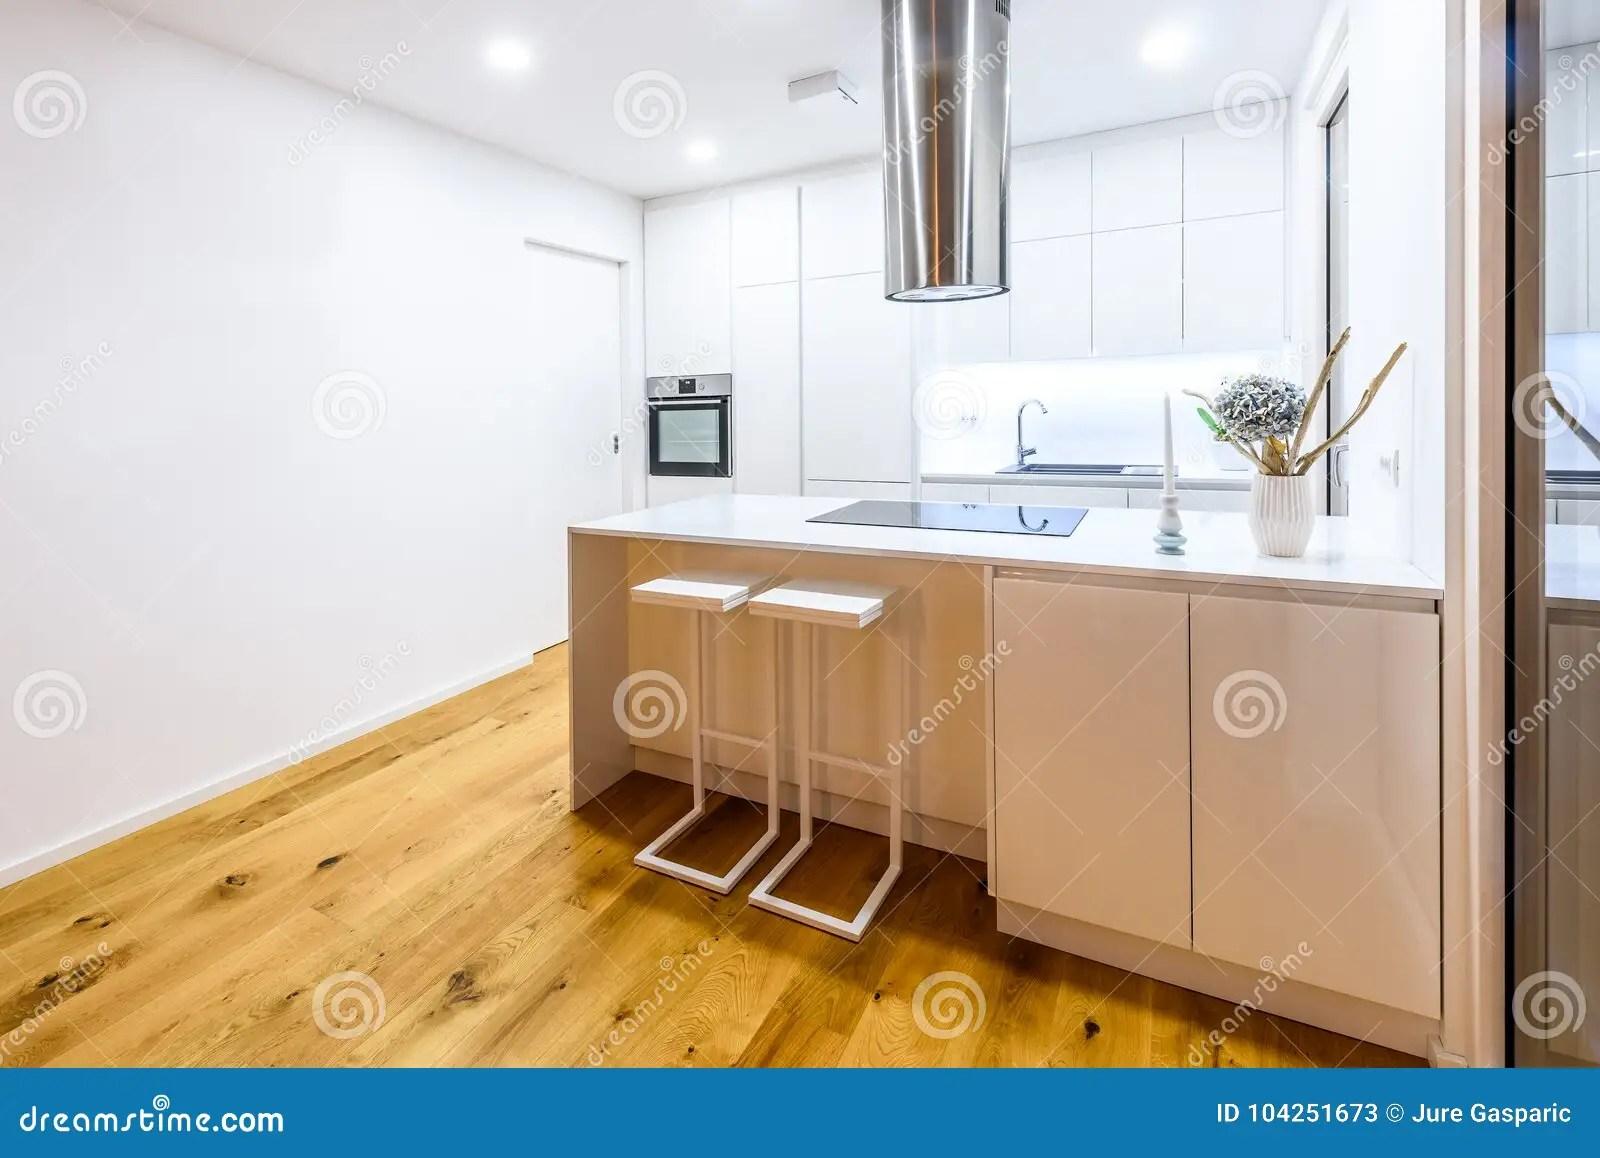 in stock kitchens skinny kitchen cabinet 有厨房器具的室内设计新的现代白色厨房库存图片 图片包括有方便 设计 有厨房器具的室内设计新的现代白色厨房